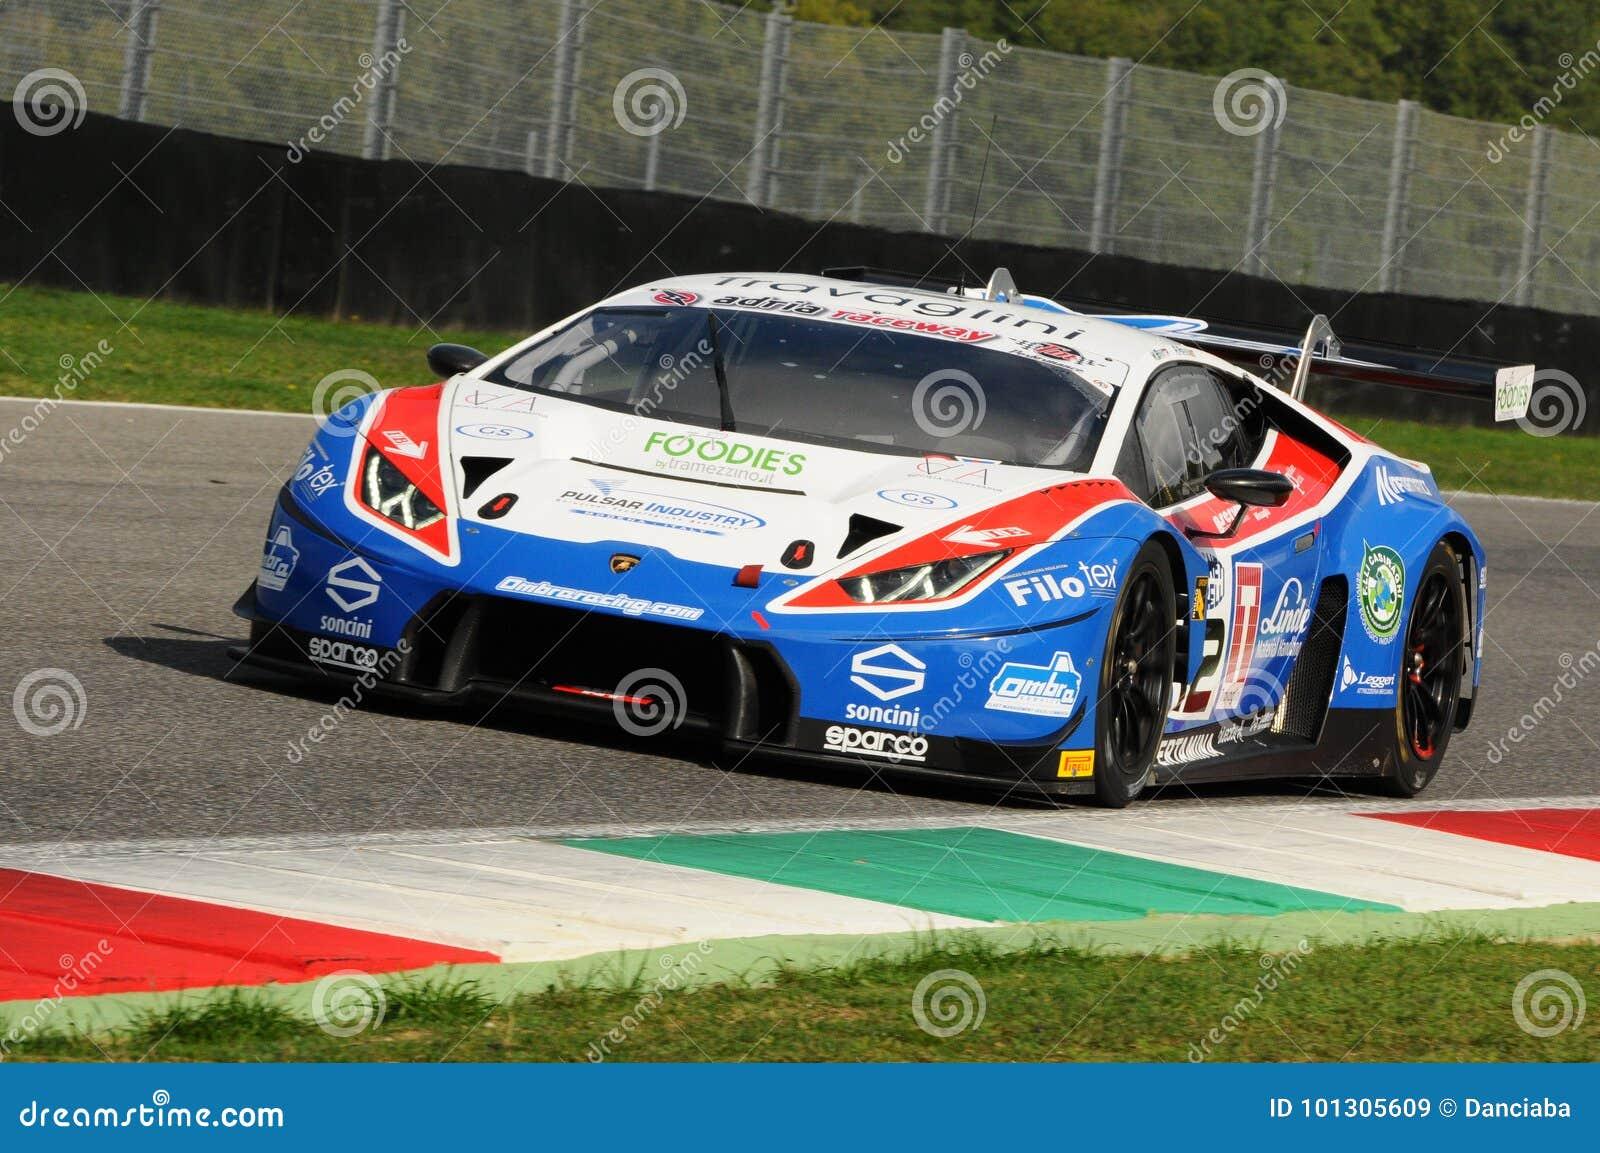 Circuito Del Mugello : Circuito de mugello italia 6 de octubre de 2017: lamborghini